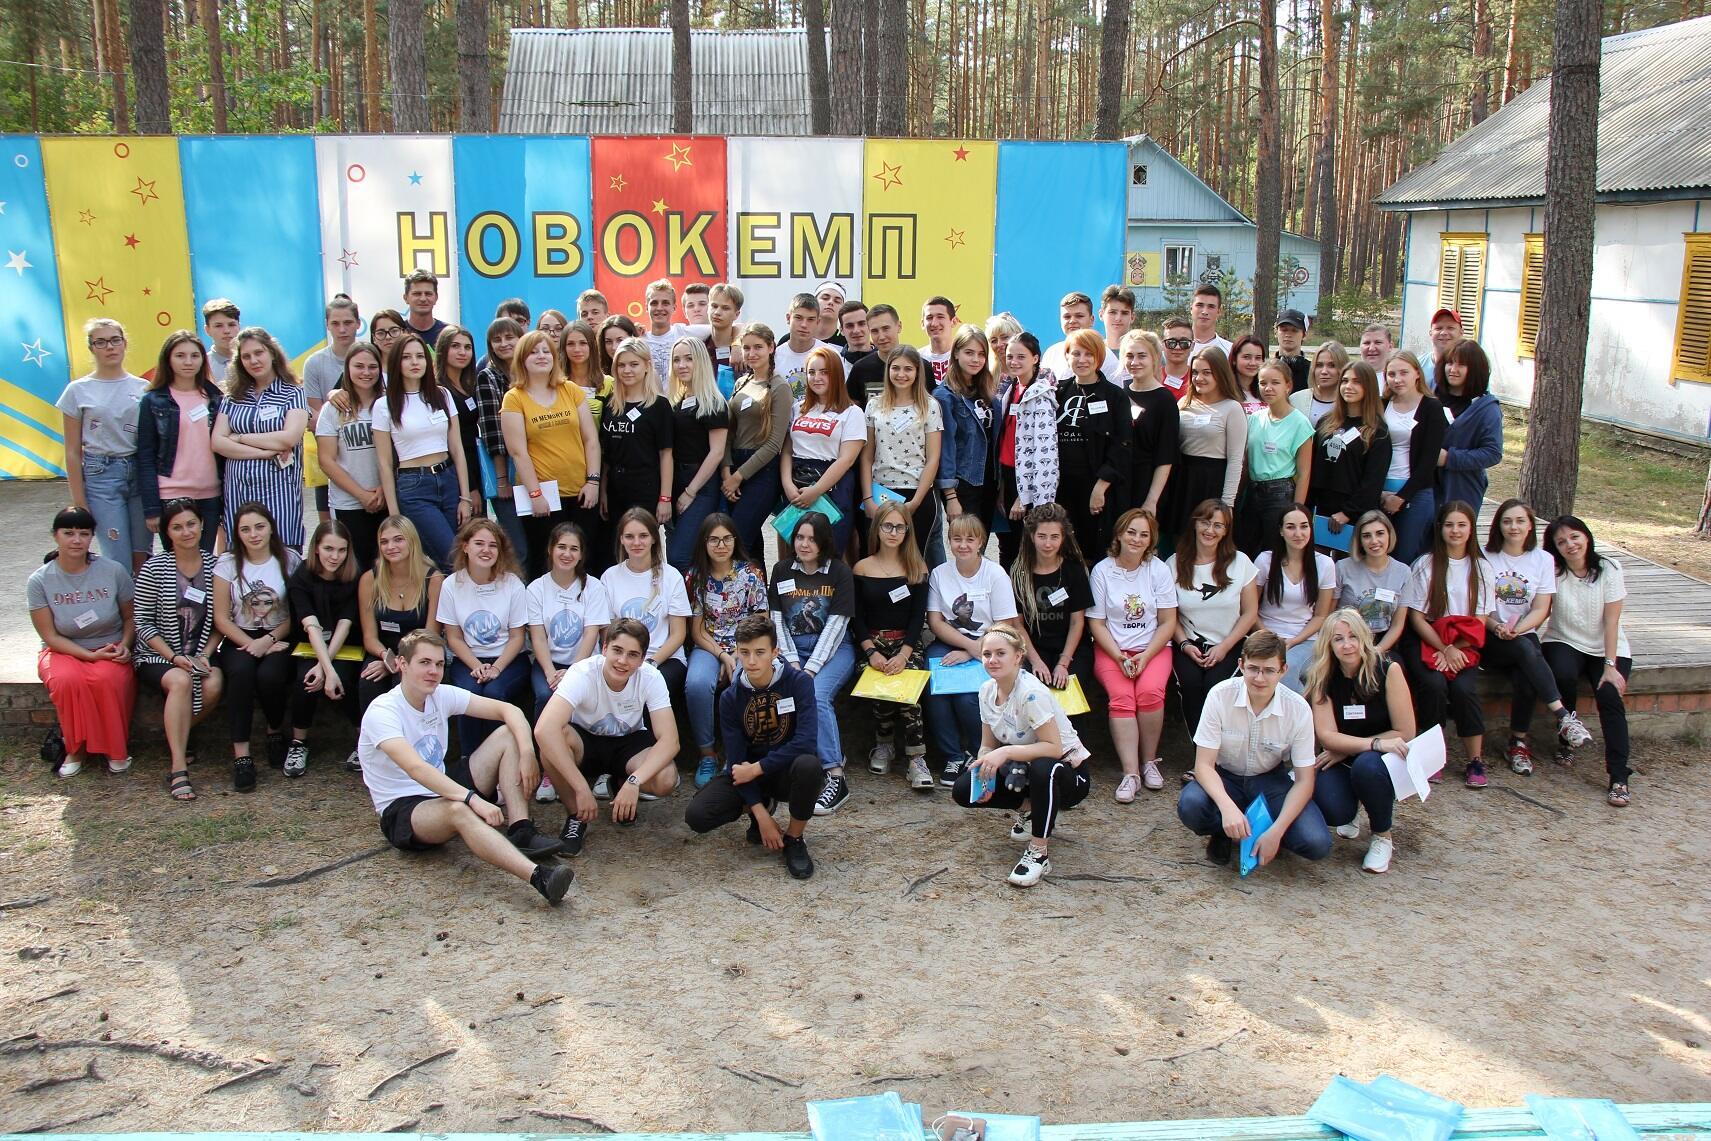 Осенний молодежный слет в Новокемпе